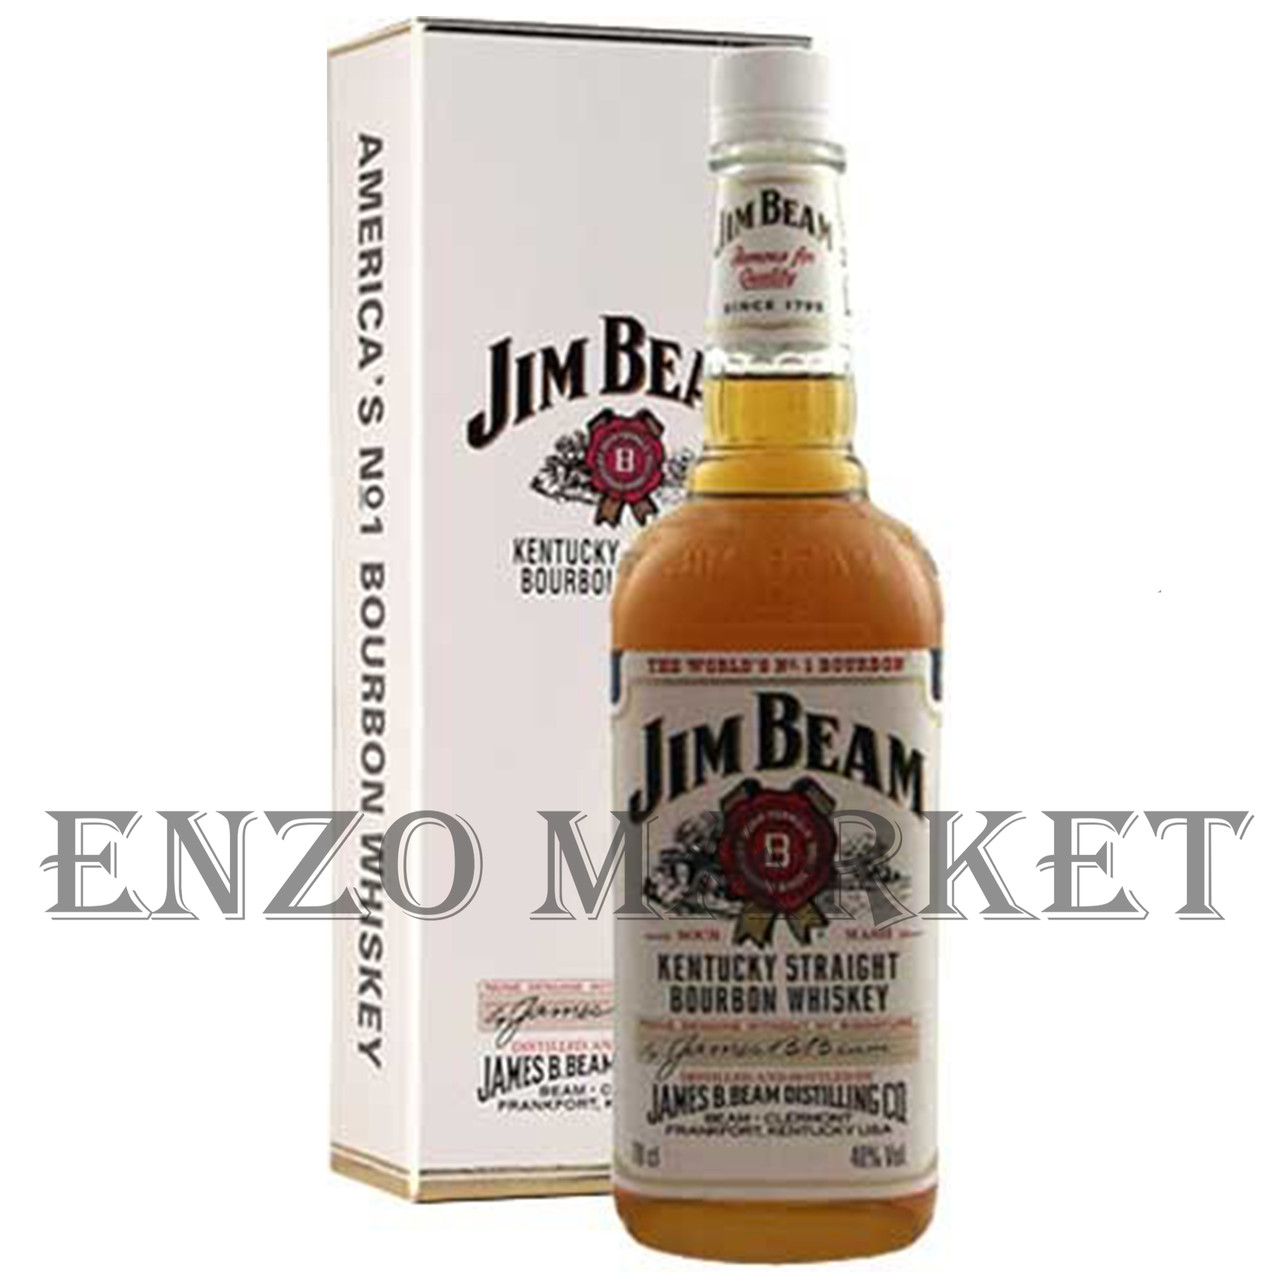 Виски Jim Beam (Джим Бим в коробке) 40%, 1 литр